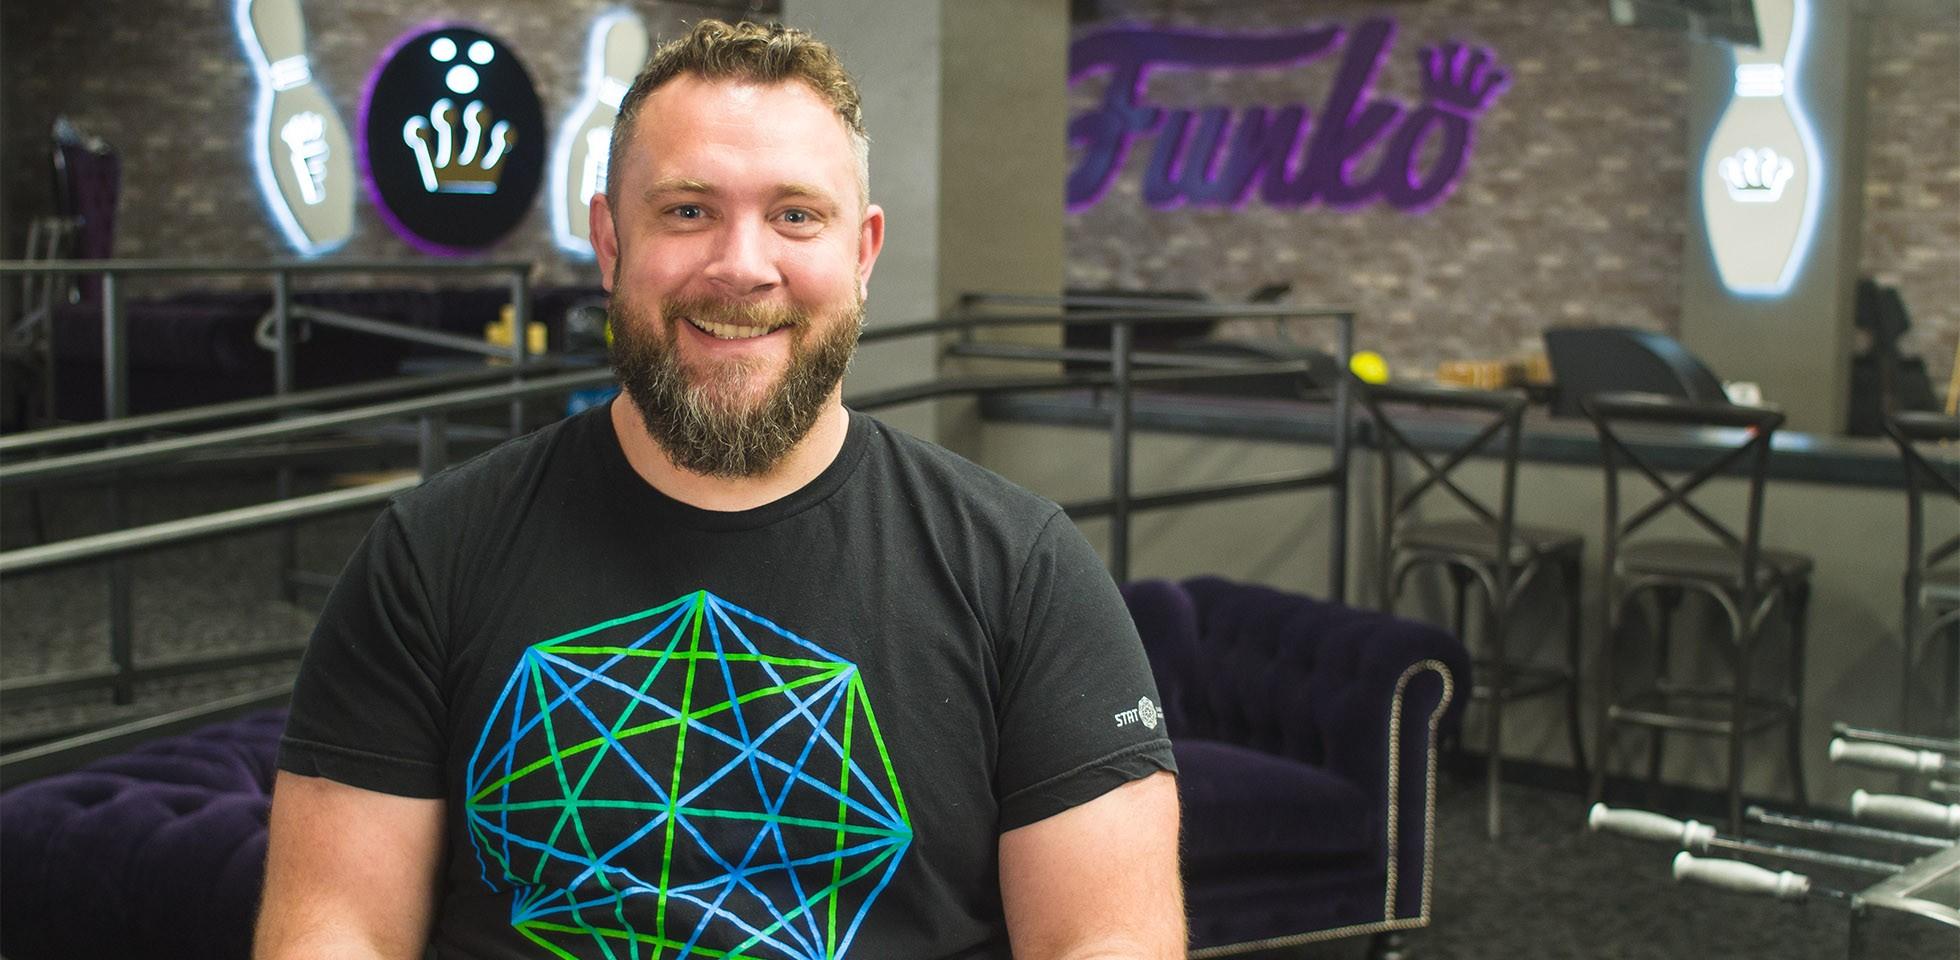 Derric Wise, Creative Lead UX/UI - Funko Careers